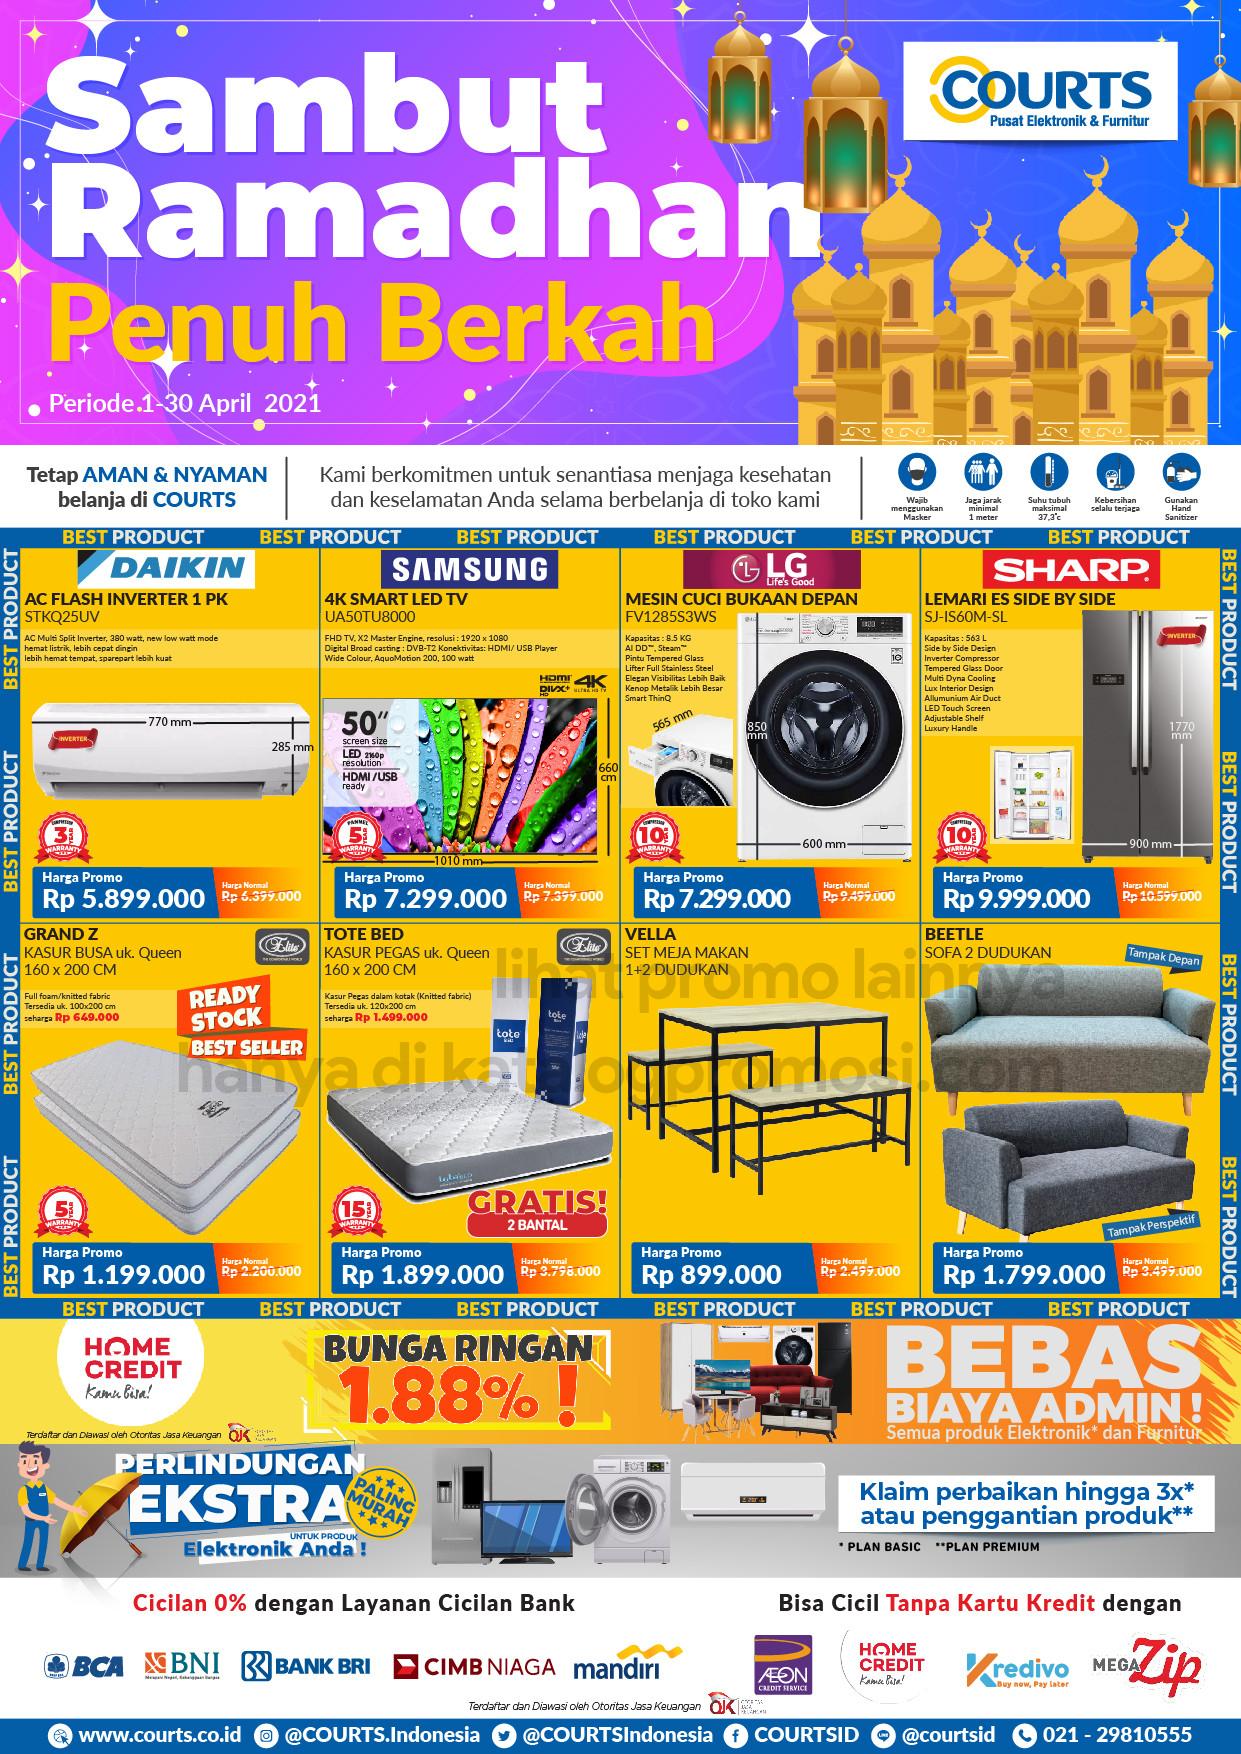 Katalog Promo COURTS SAMBUT RAMADHAN PENUH BERKAH periode 01-30 April 2021